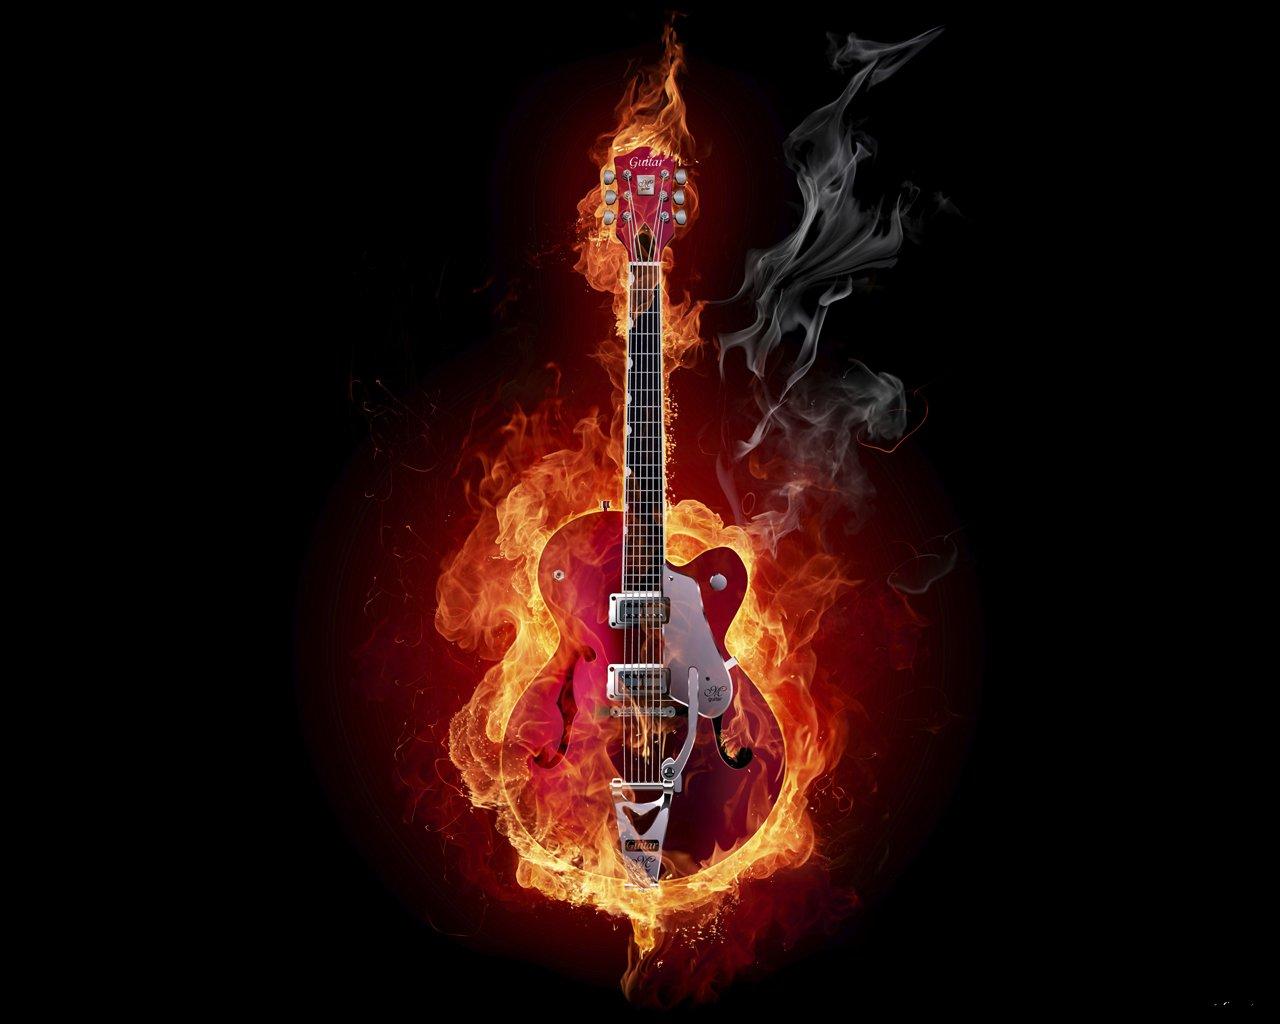 Обои Гитара. Разное foto 19